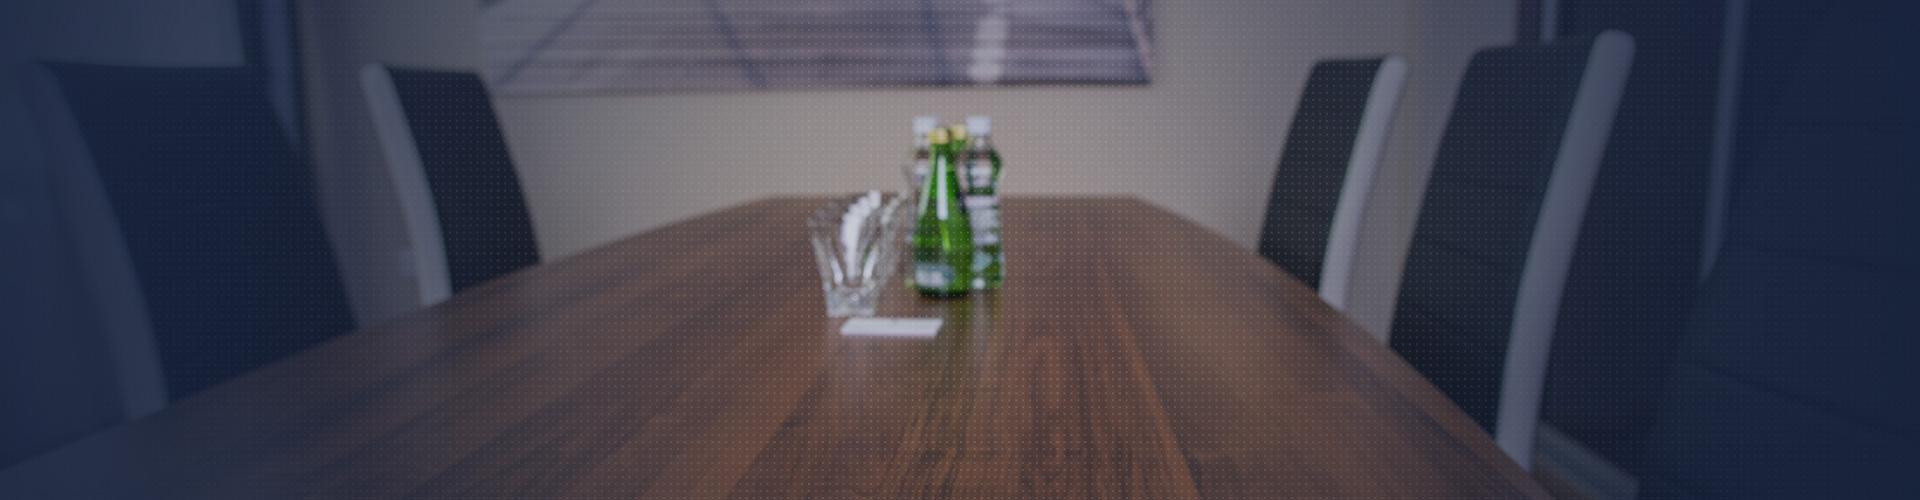 Stół sala konferencyjna